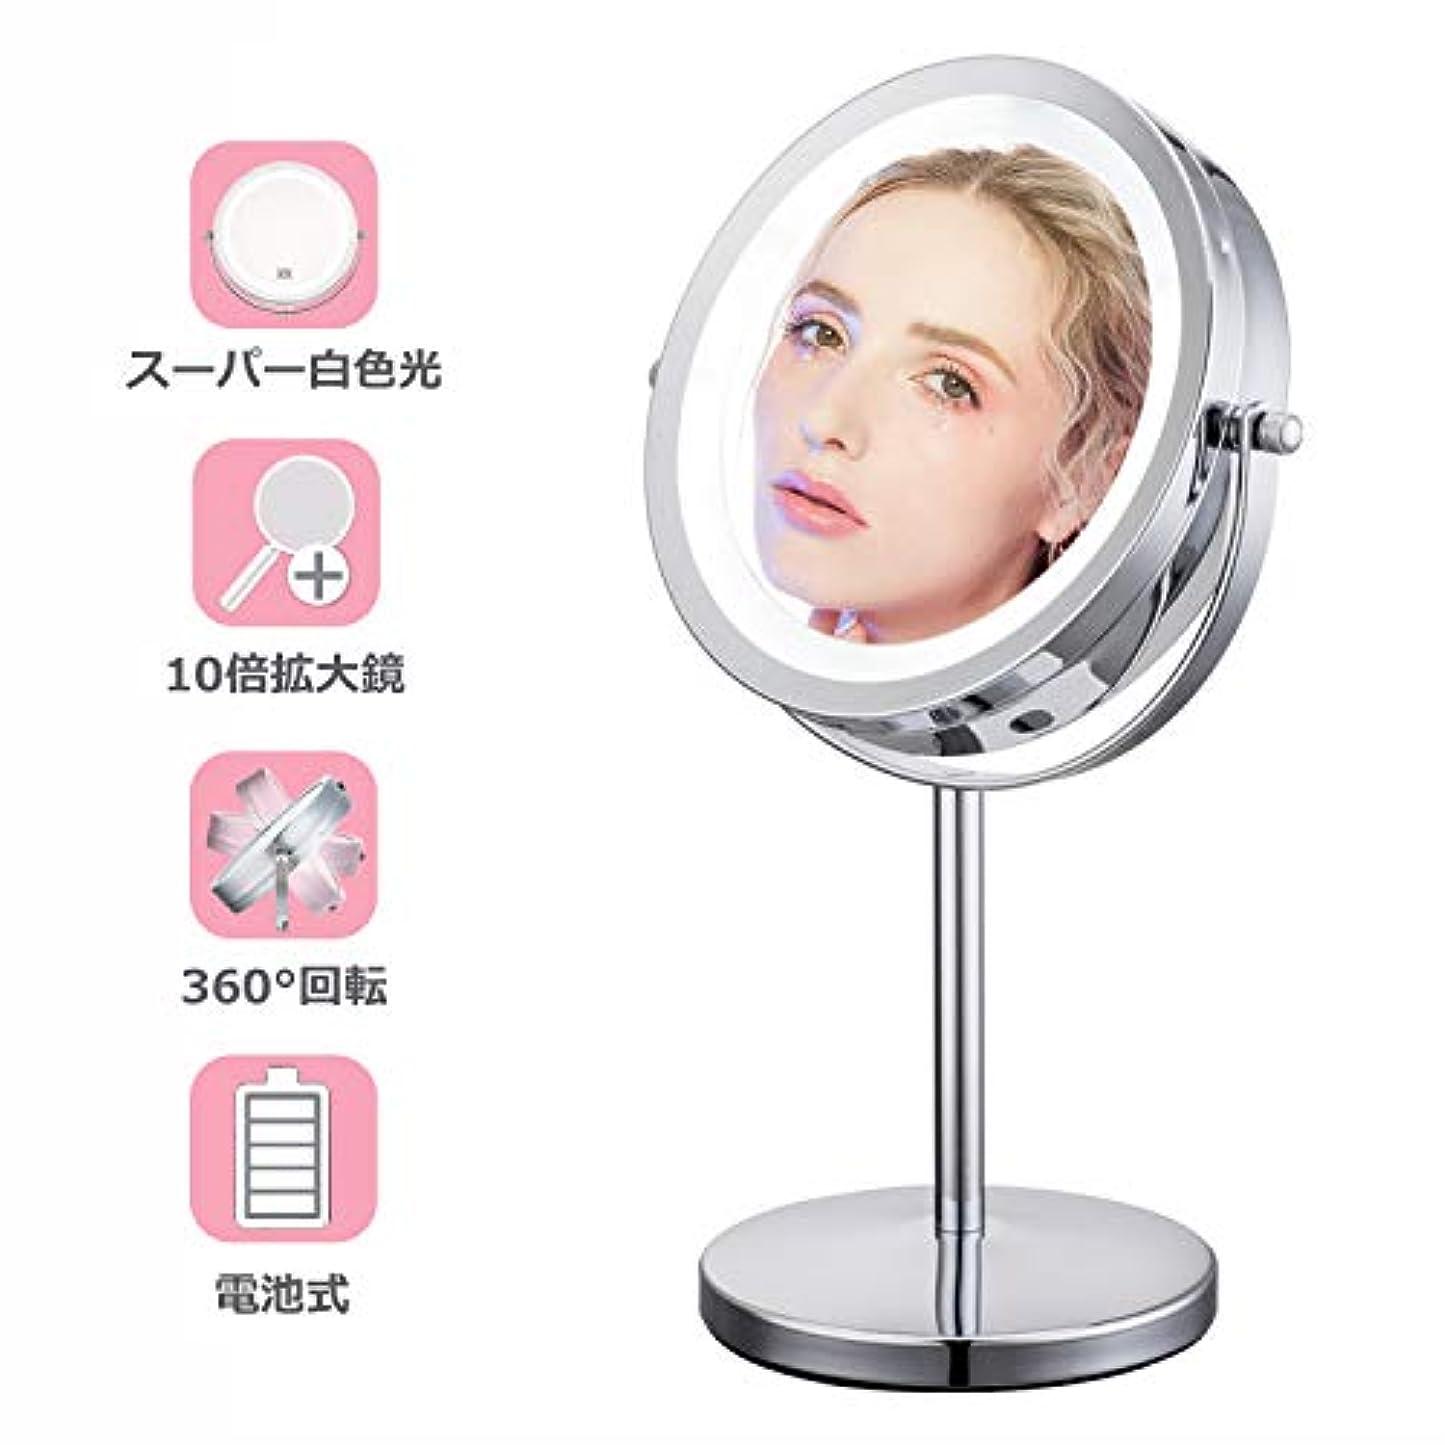 魂バーガー怖がらせる10倍拡大鏡 LEDライト付き 真実の両面鏡 360度回転 卓上鏡 スタンドミラー メイク 化粧道具 【Jeking】